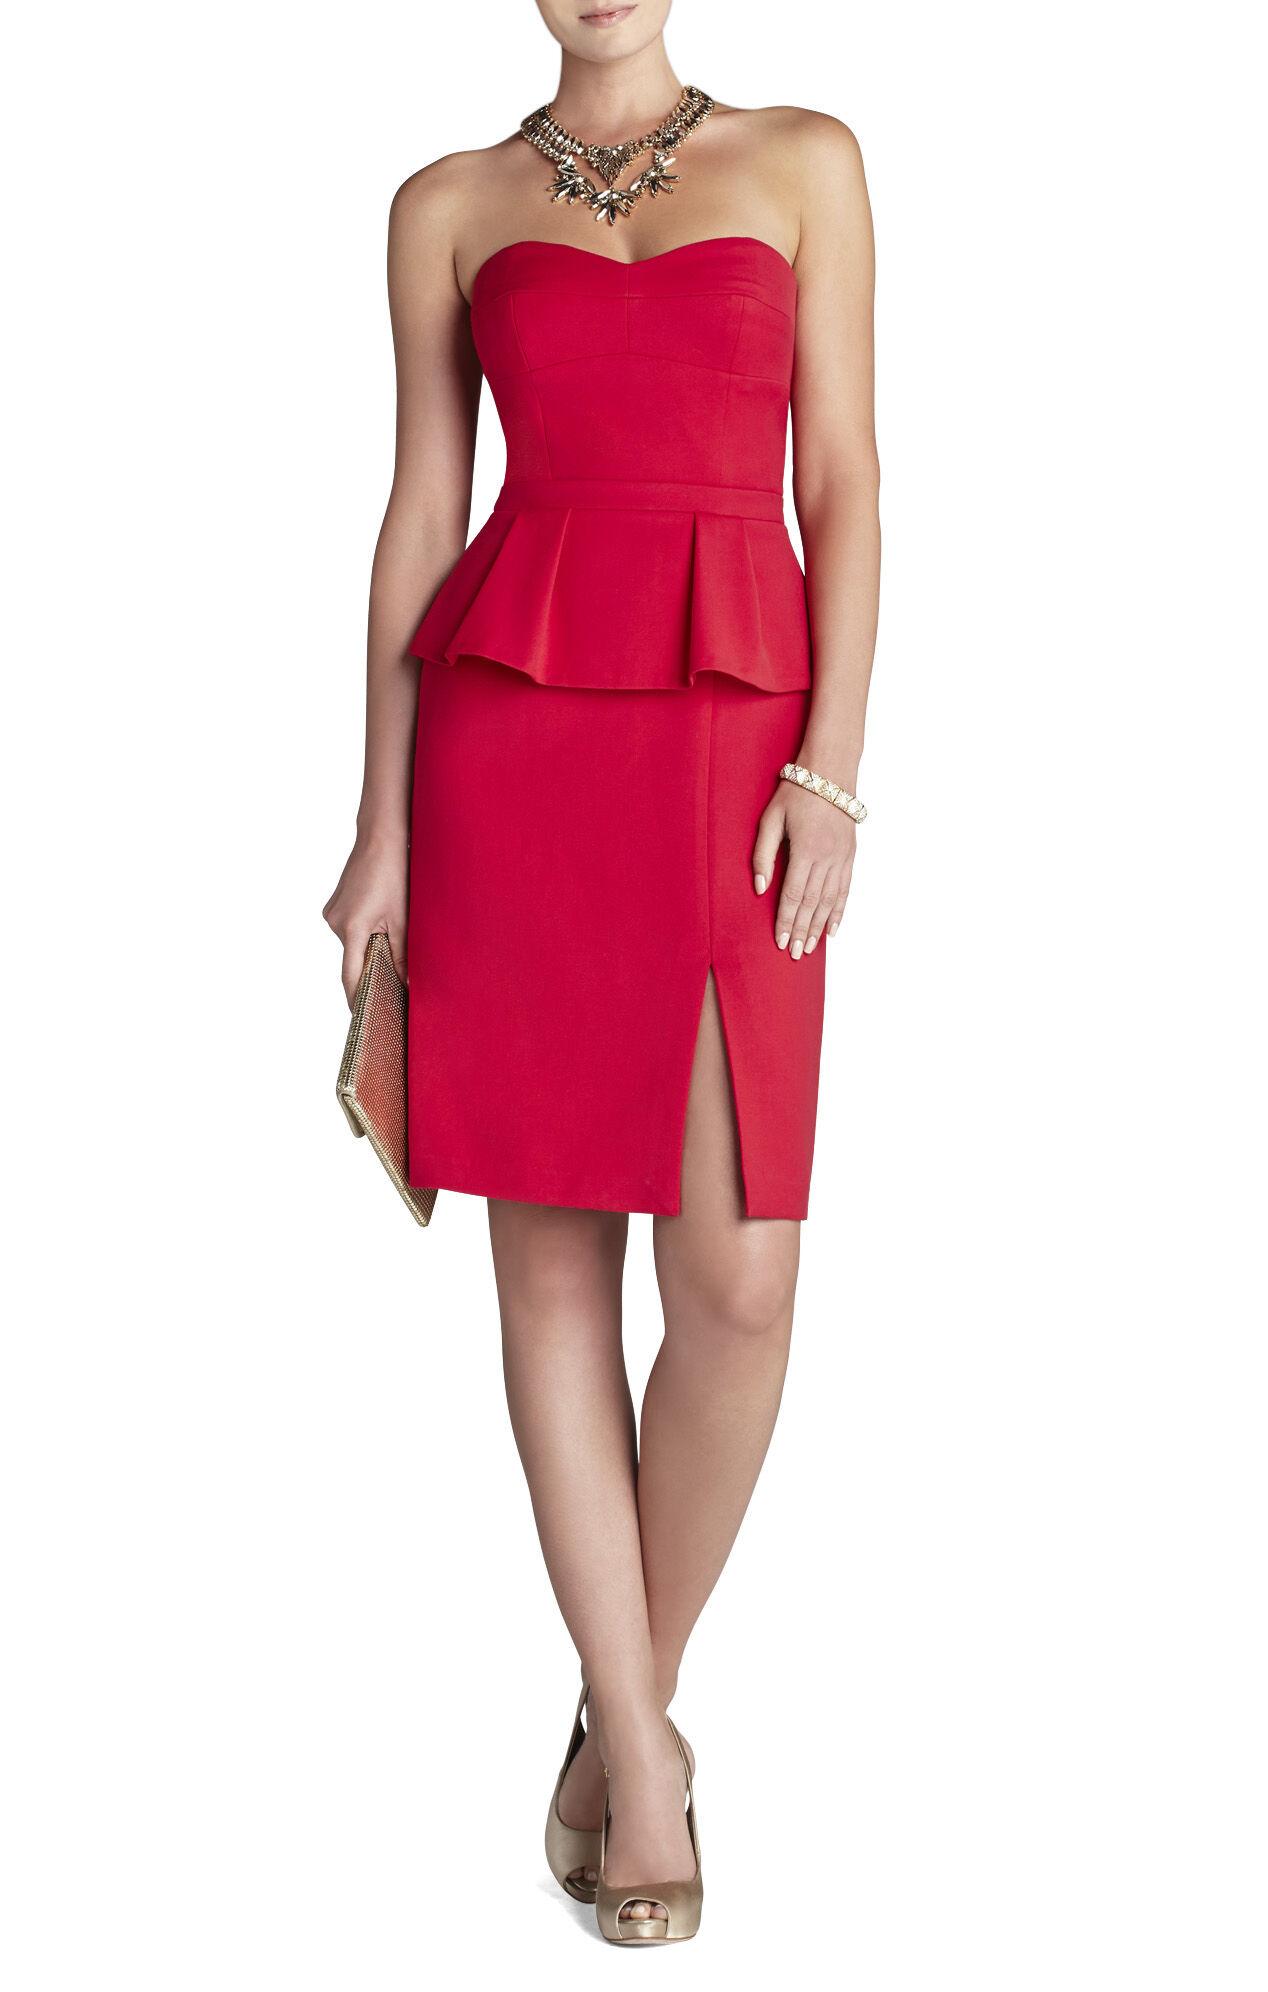 Penelope Strapless Bustier Peplum Dress